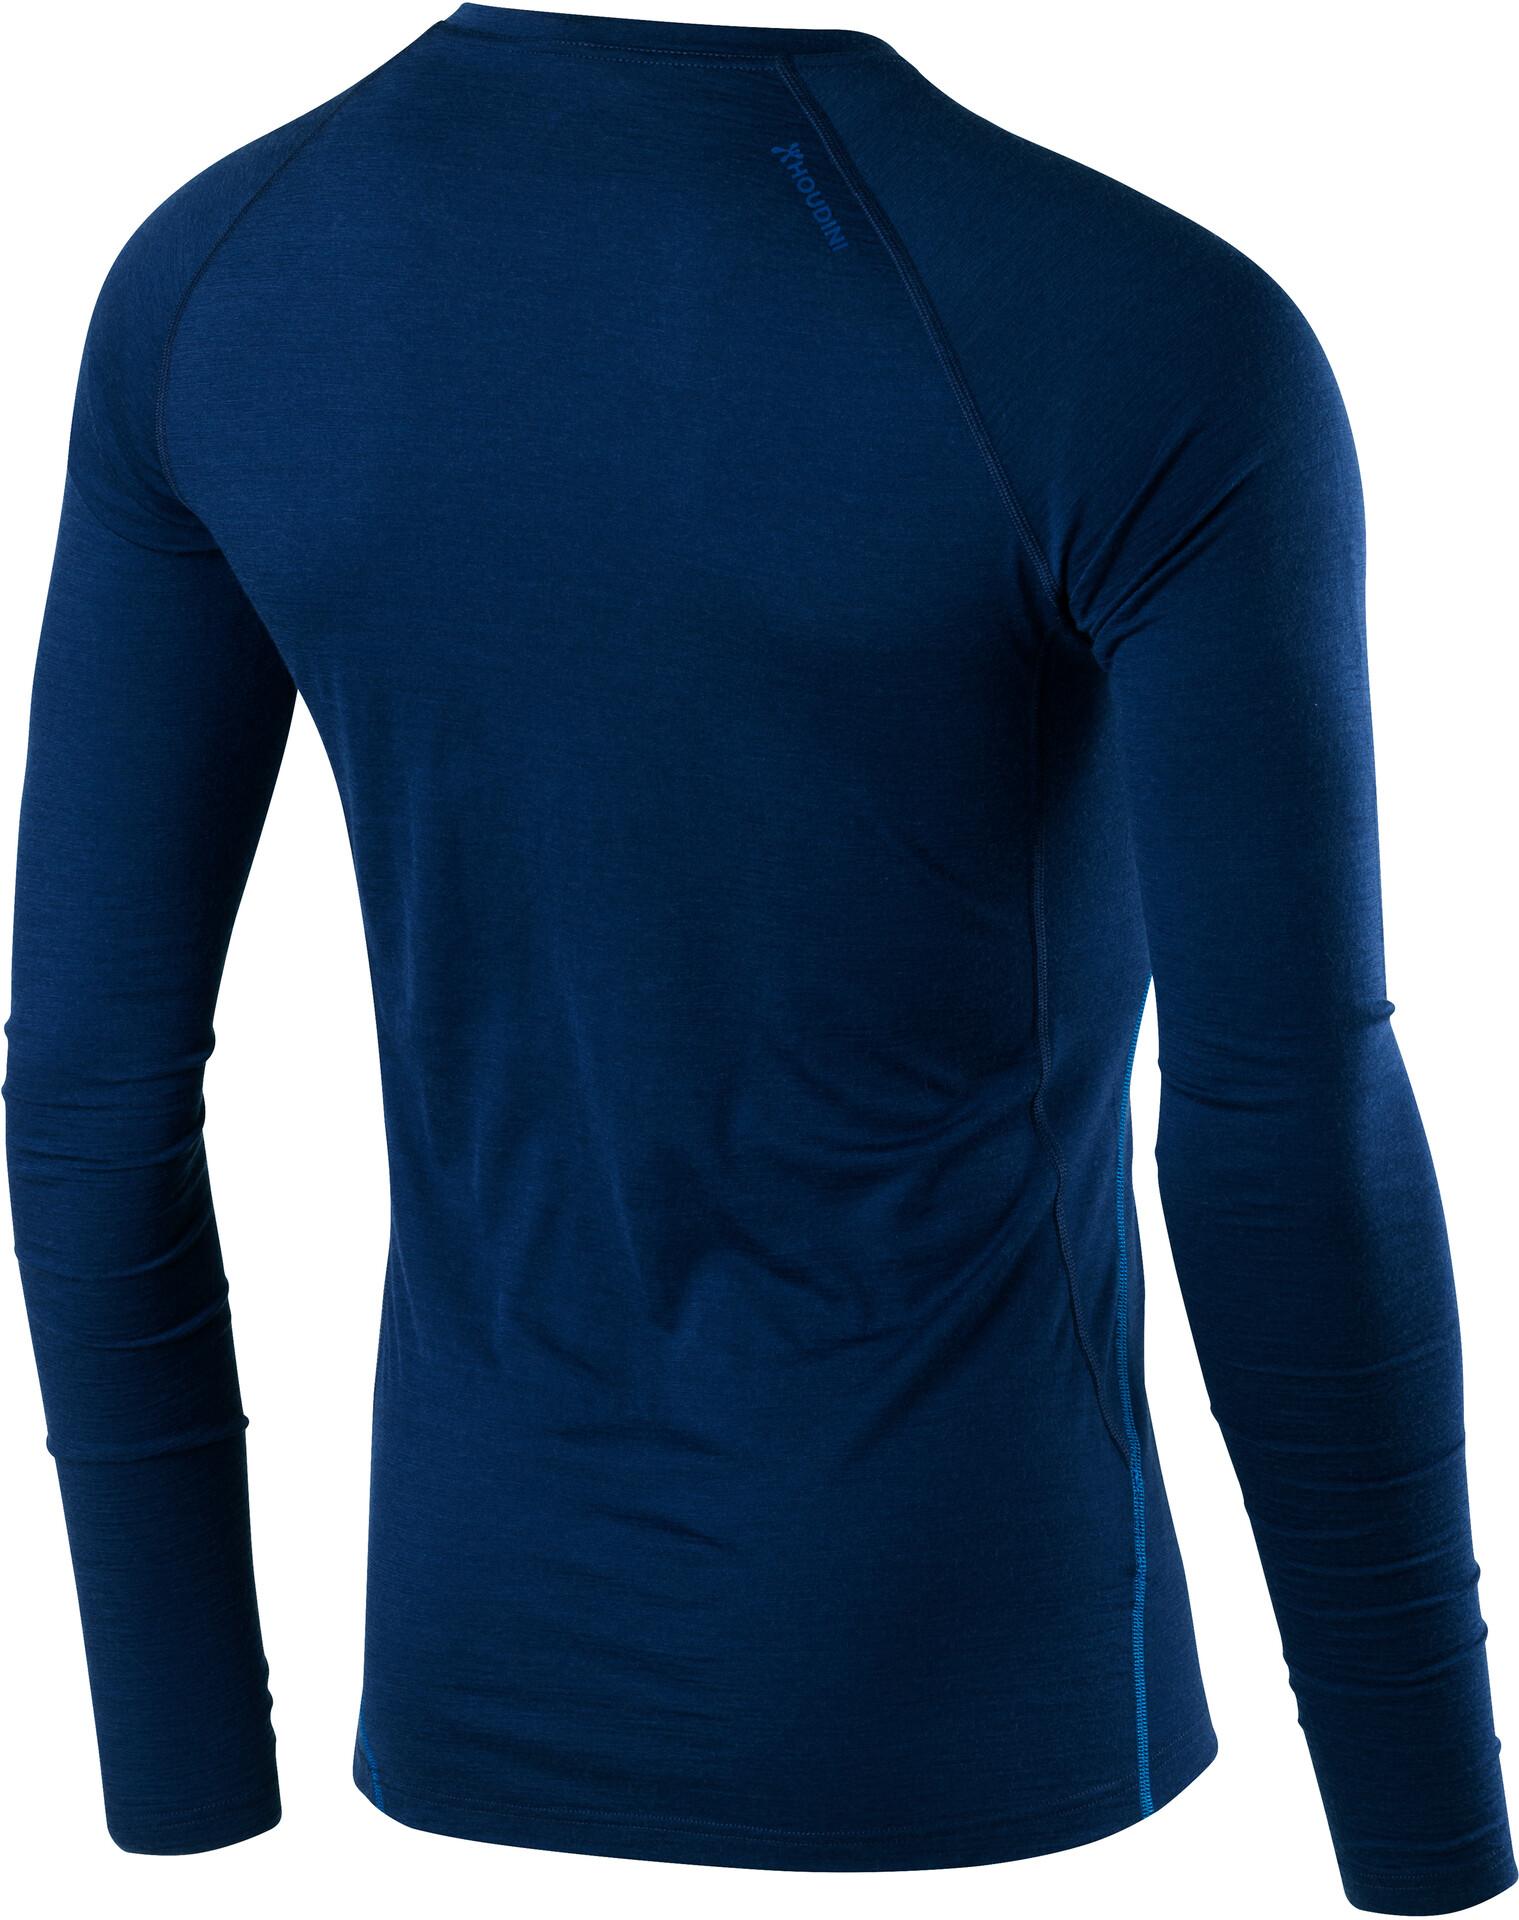 Houdini M's Desoli Crew Shirt Shirt Shirt Canyon Blå (2019) 0f18d4